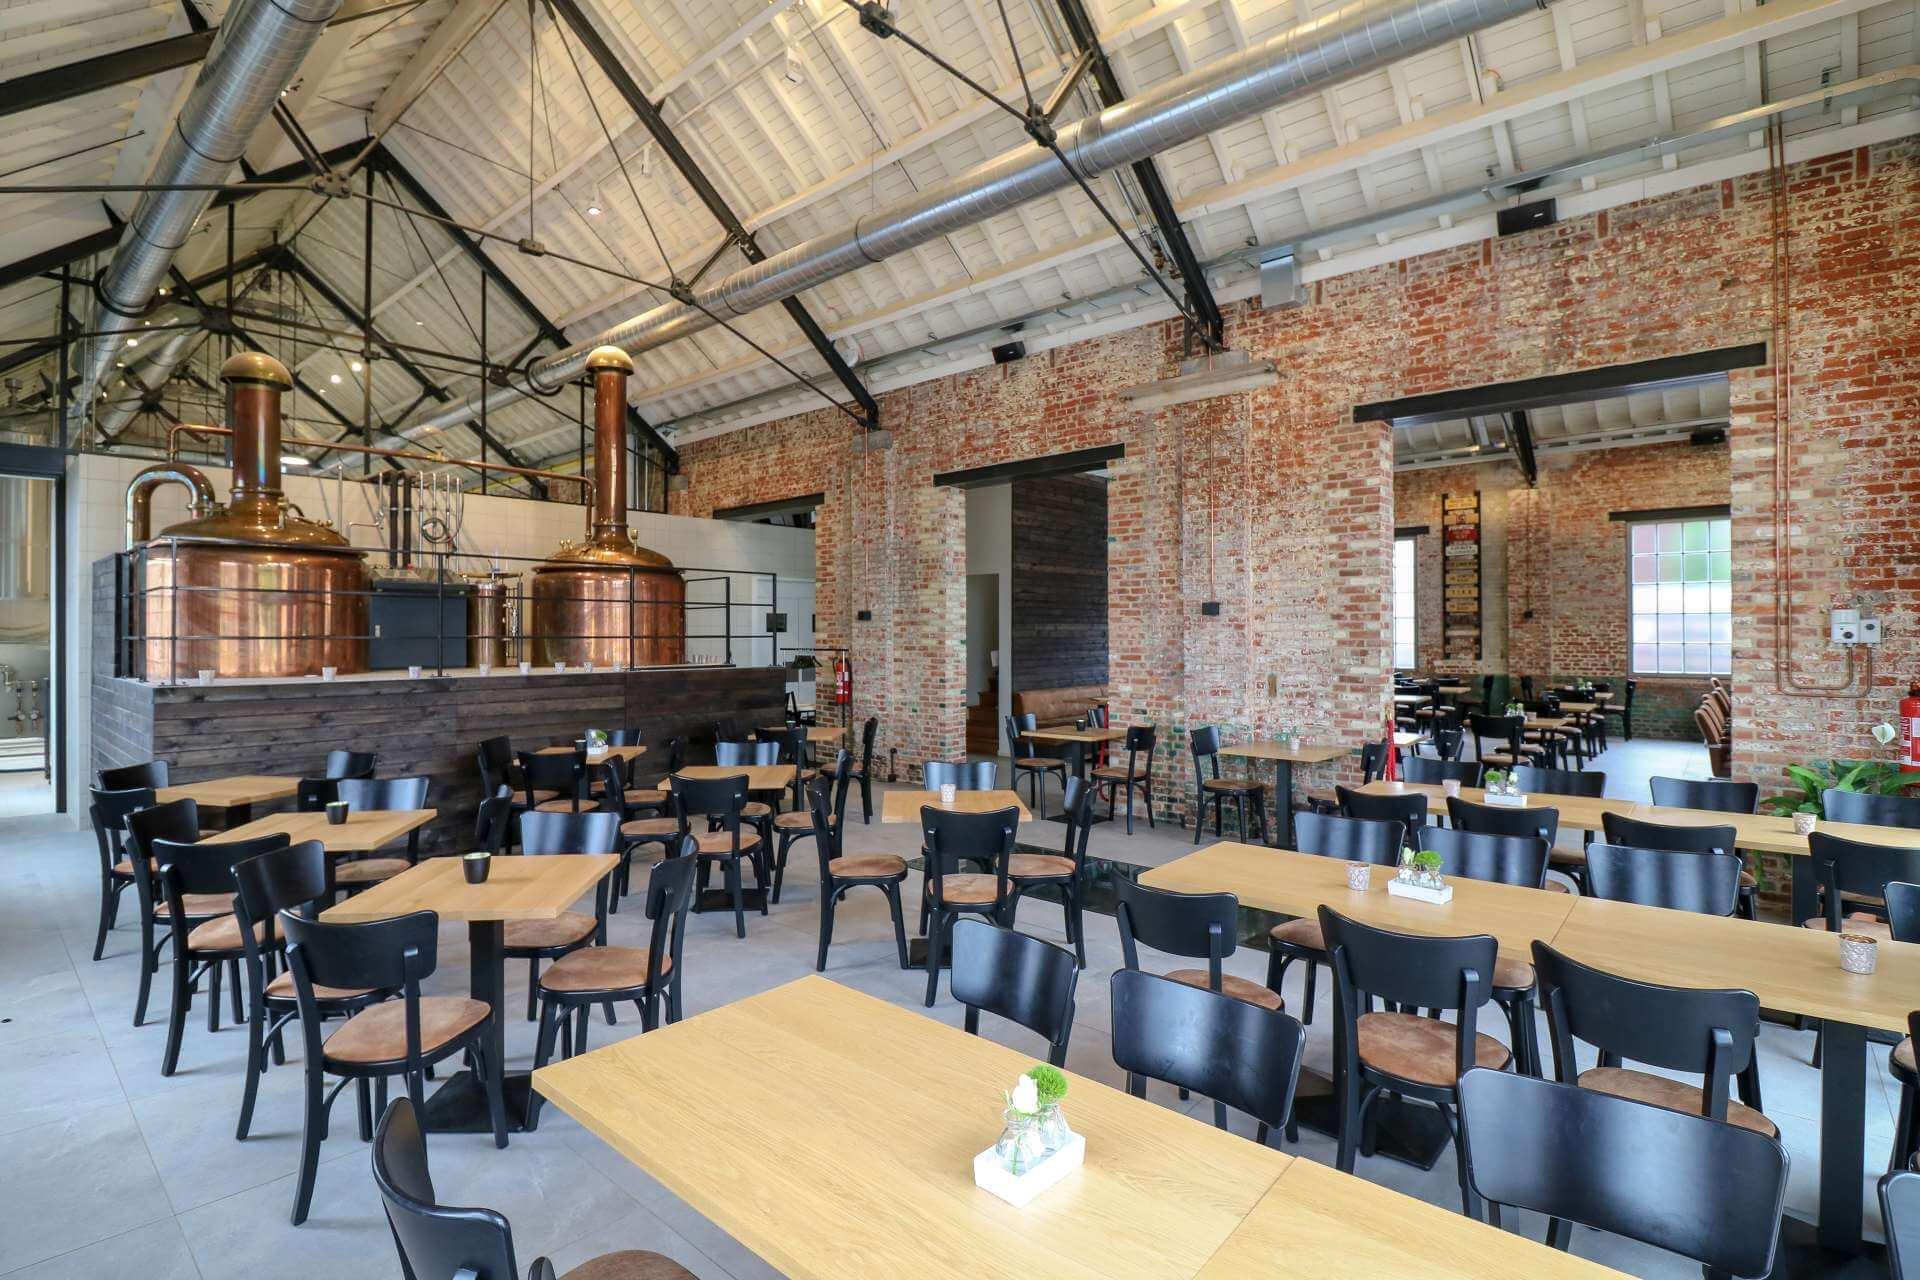 brouwketels-brouwerij-interieur-remise